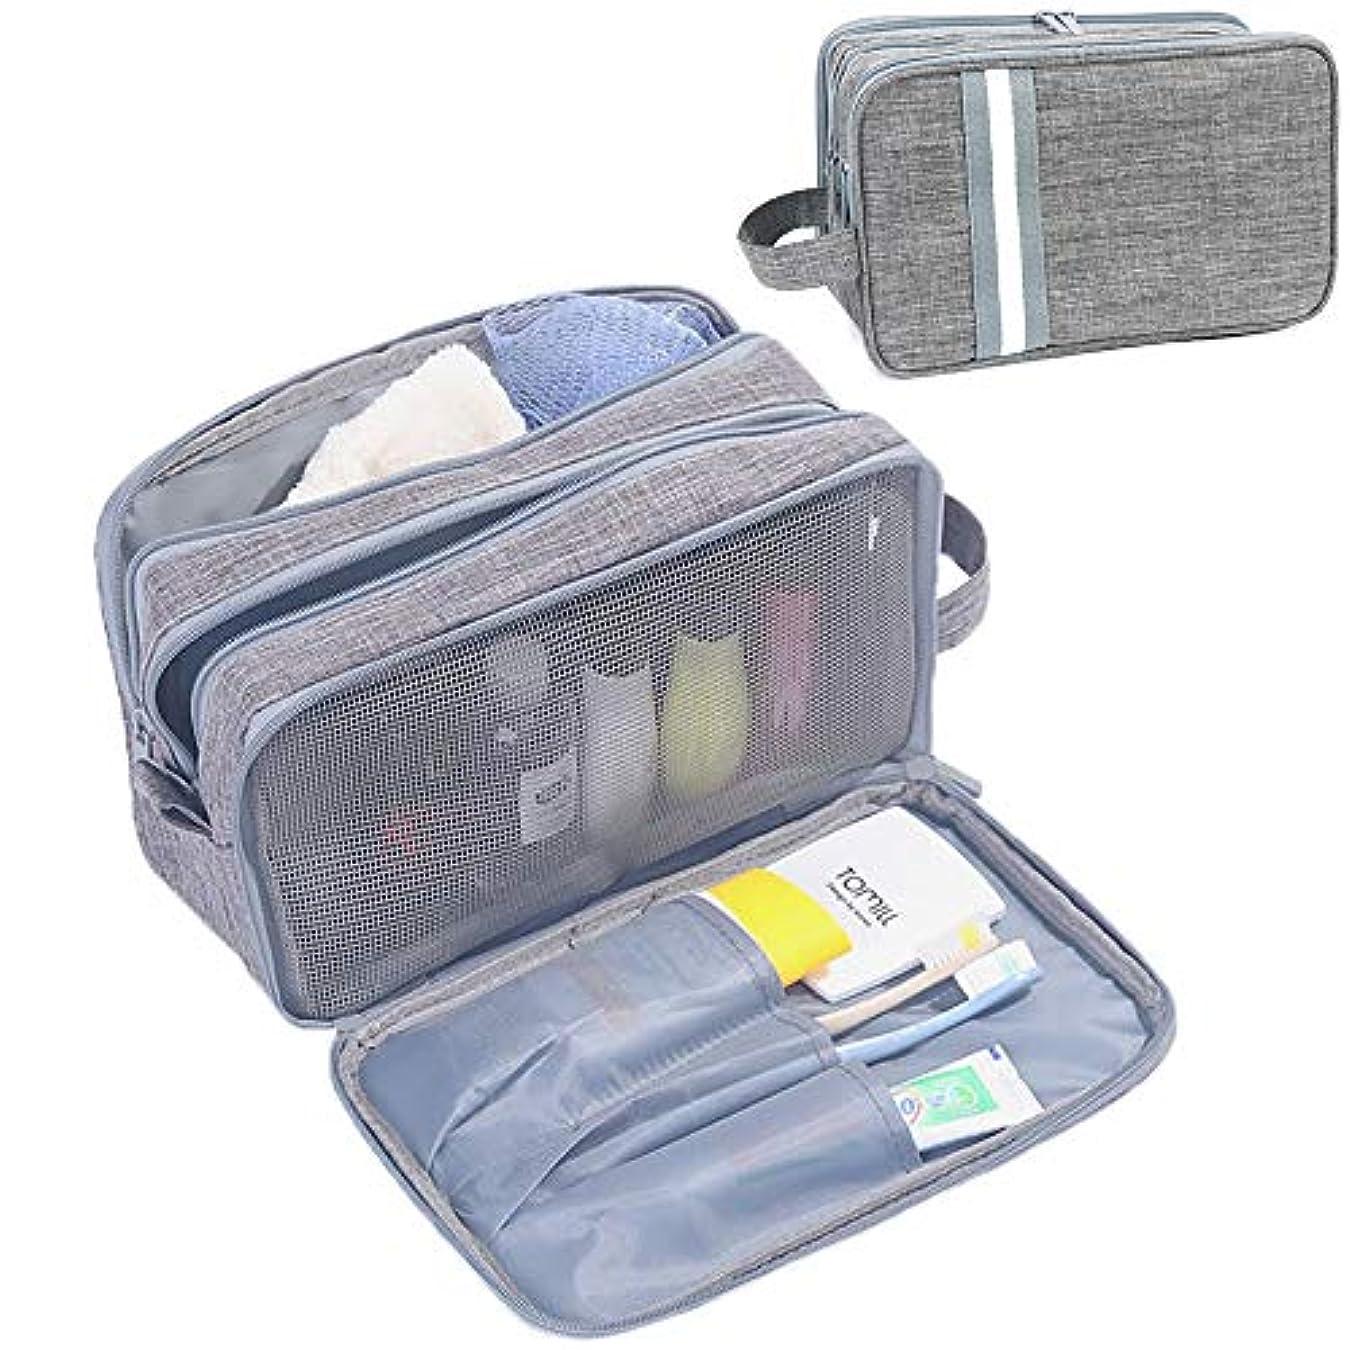 酸化物不機嫌そうな野な化粧ポーチ トラベルポーチ ウォッシュバッグ 旅行用収納バッグ 旅行グッズ 化粧品バッグ 乾湿両用大容量ハンドバッグ 出張 海外 旅行 男女兼用